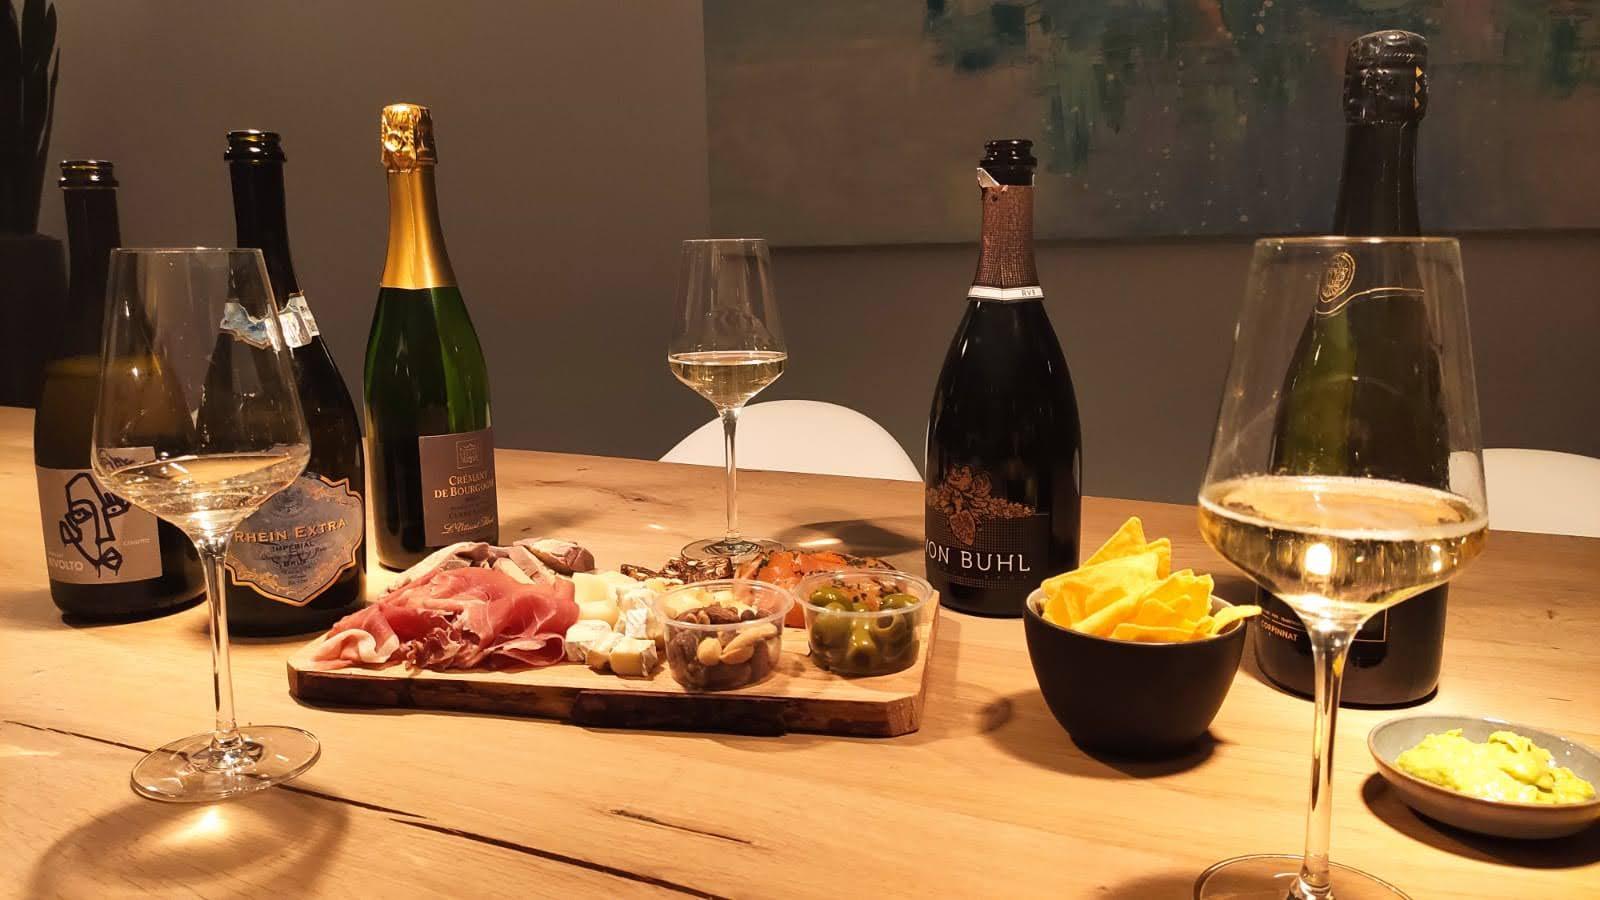 5 Alternatieven voor champagne met lekkere hapjes